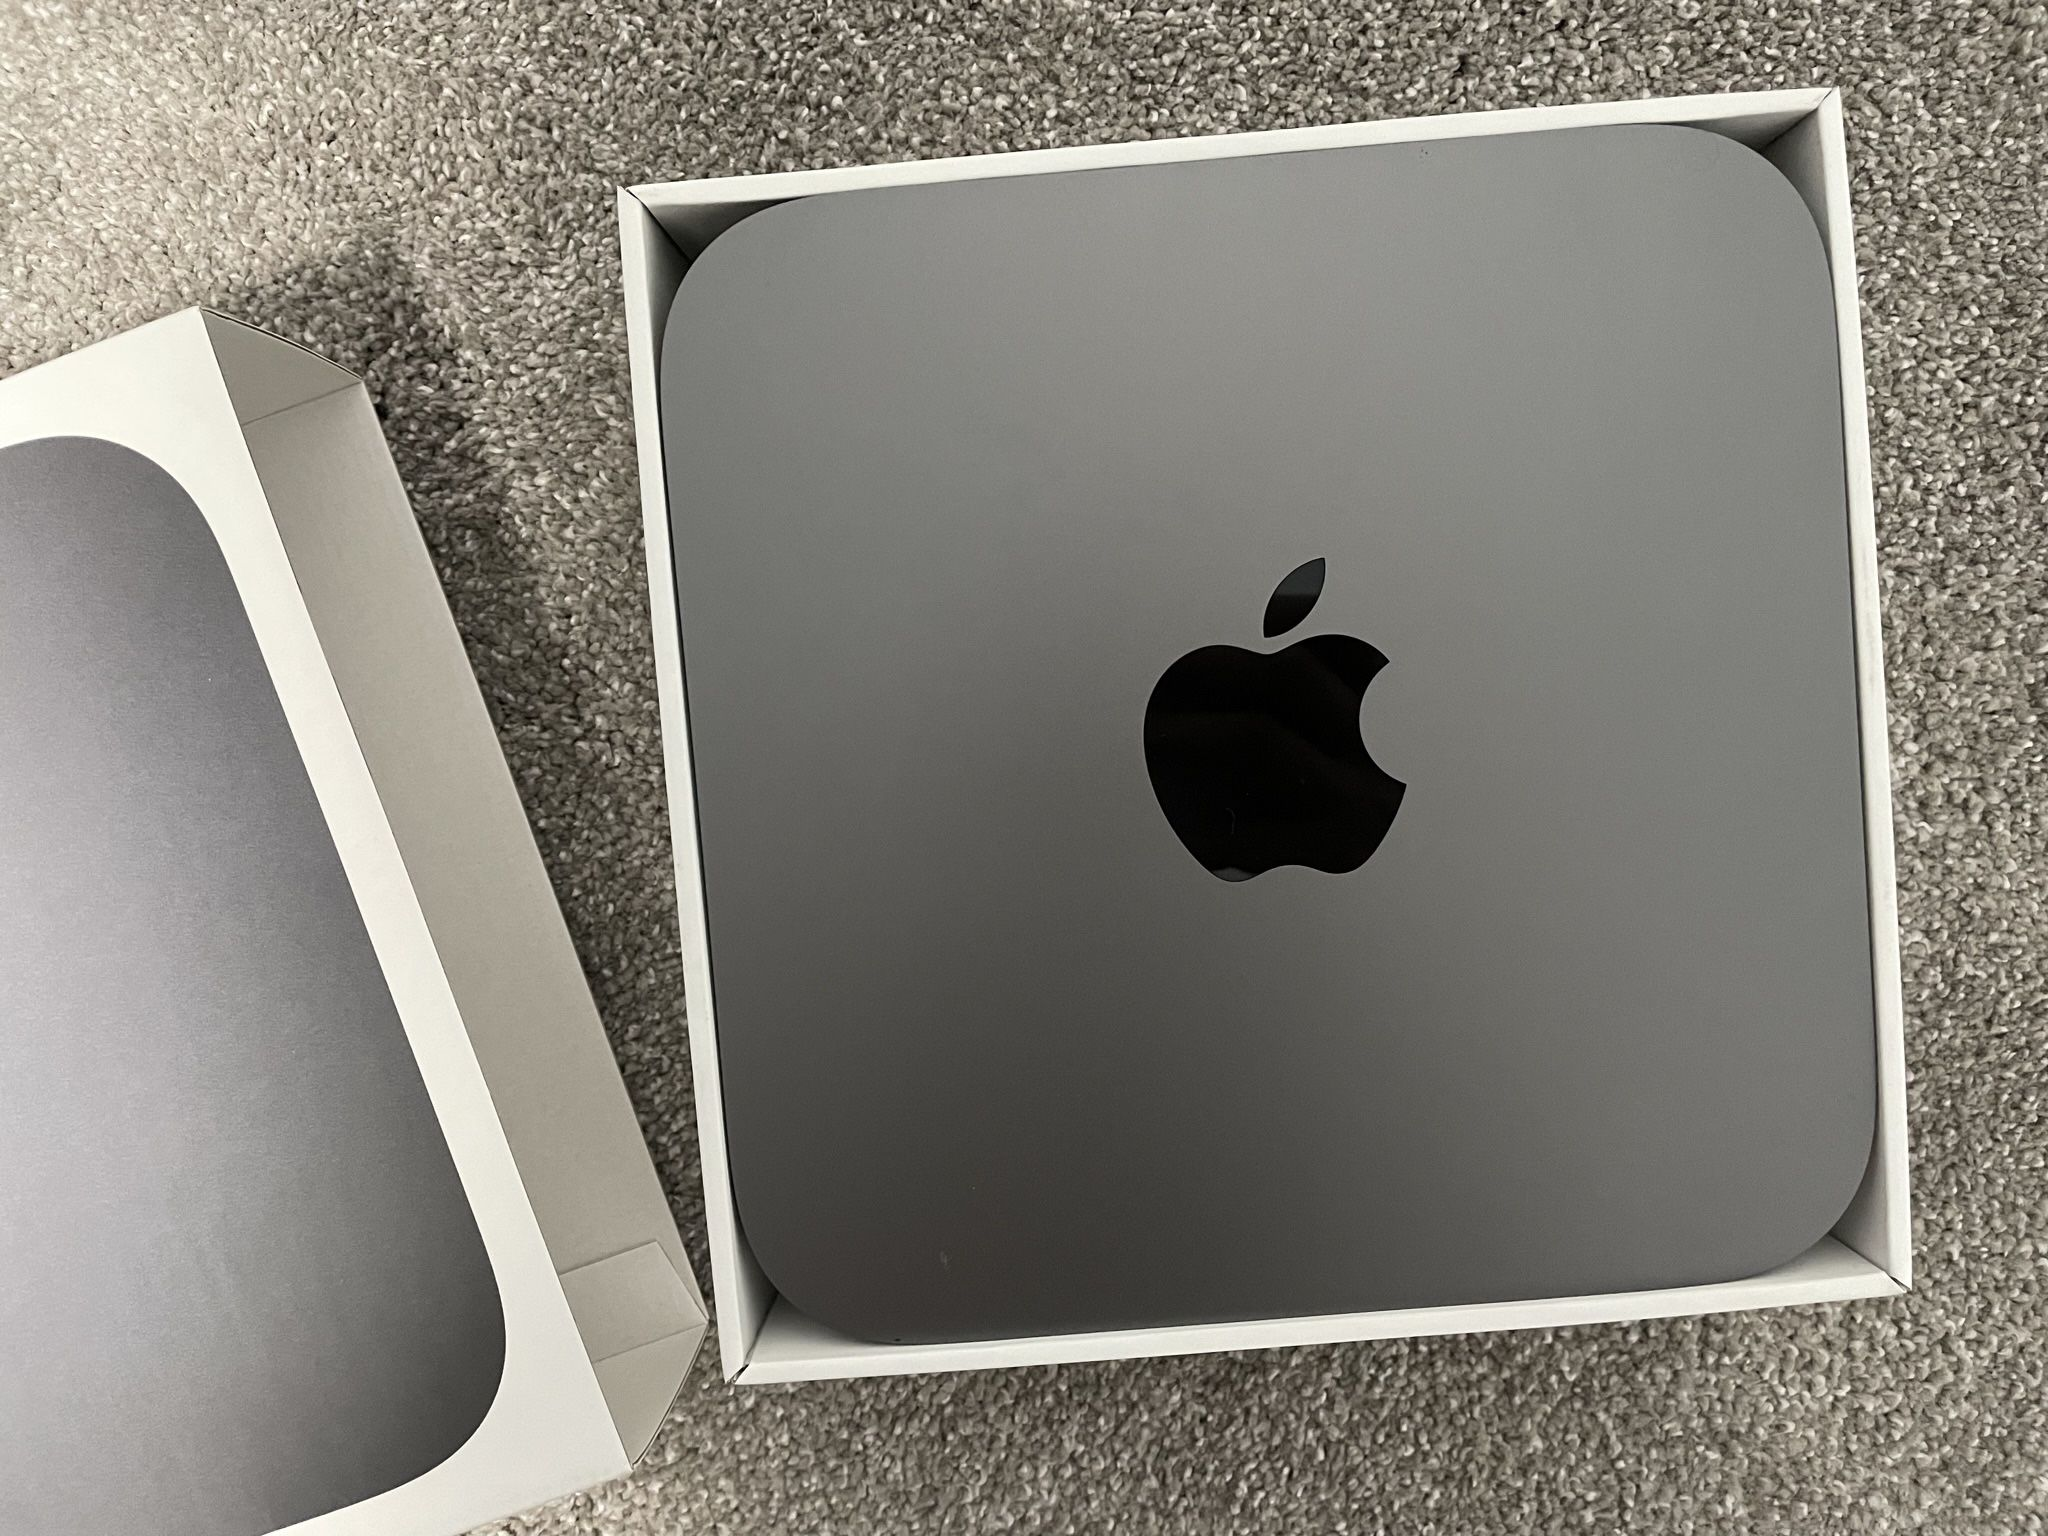 Mac Mini. i7 / 32GB Ram / 1TB SSD / AppleCare+